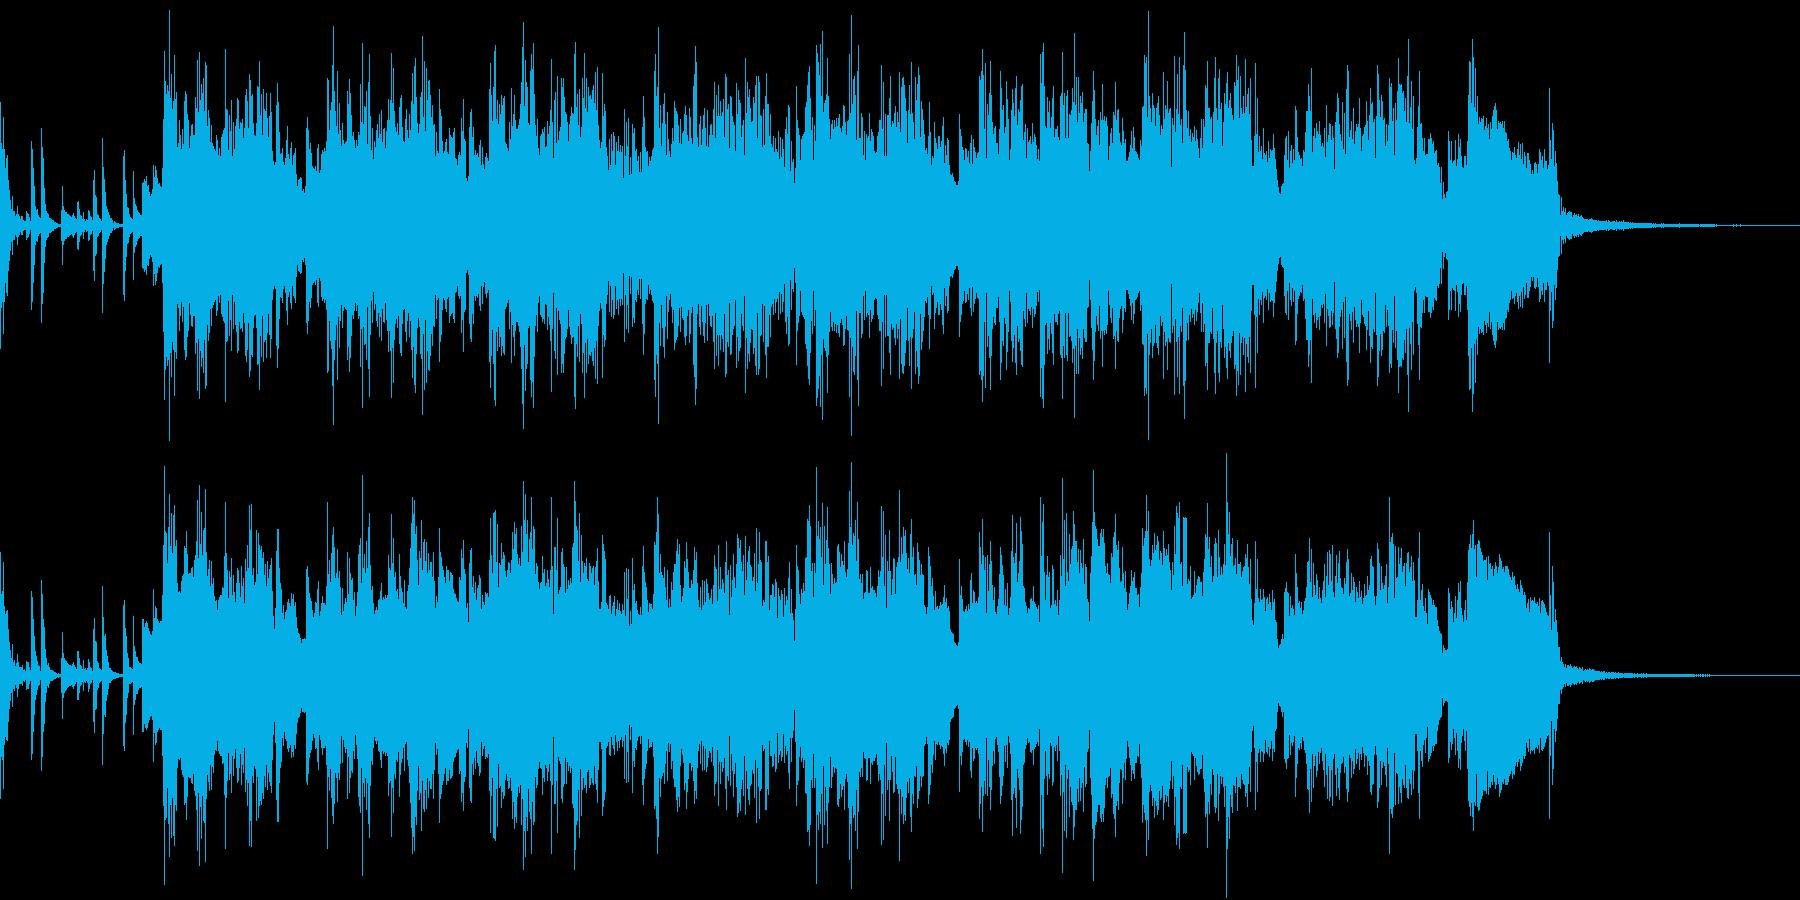 アコギ生演奏のお洒落バンドサウンドの再生済みの波形